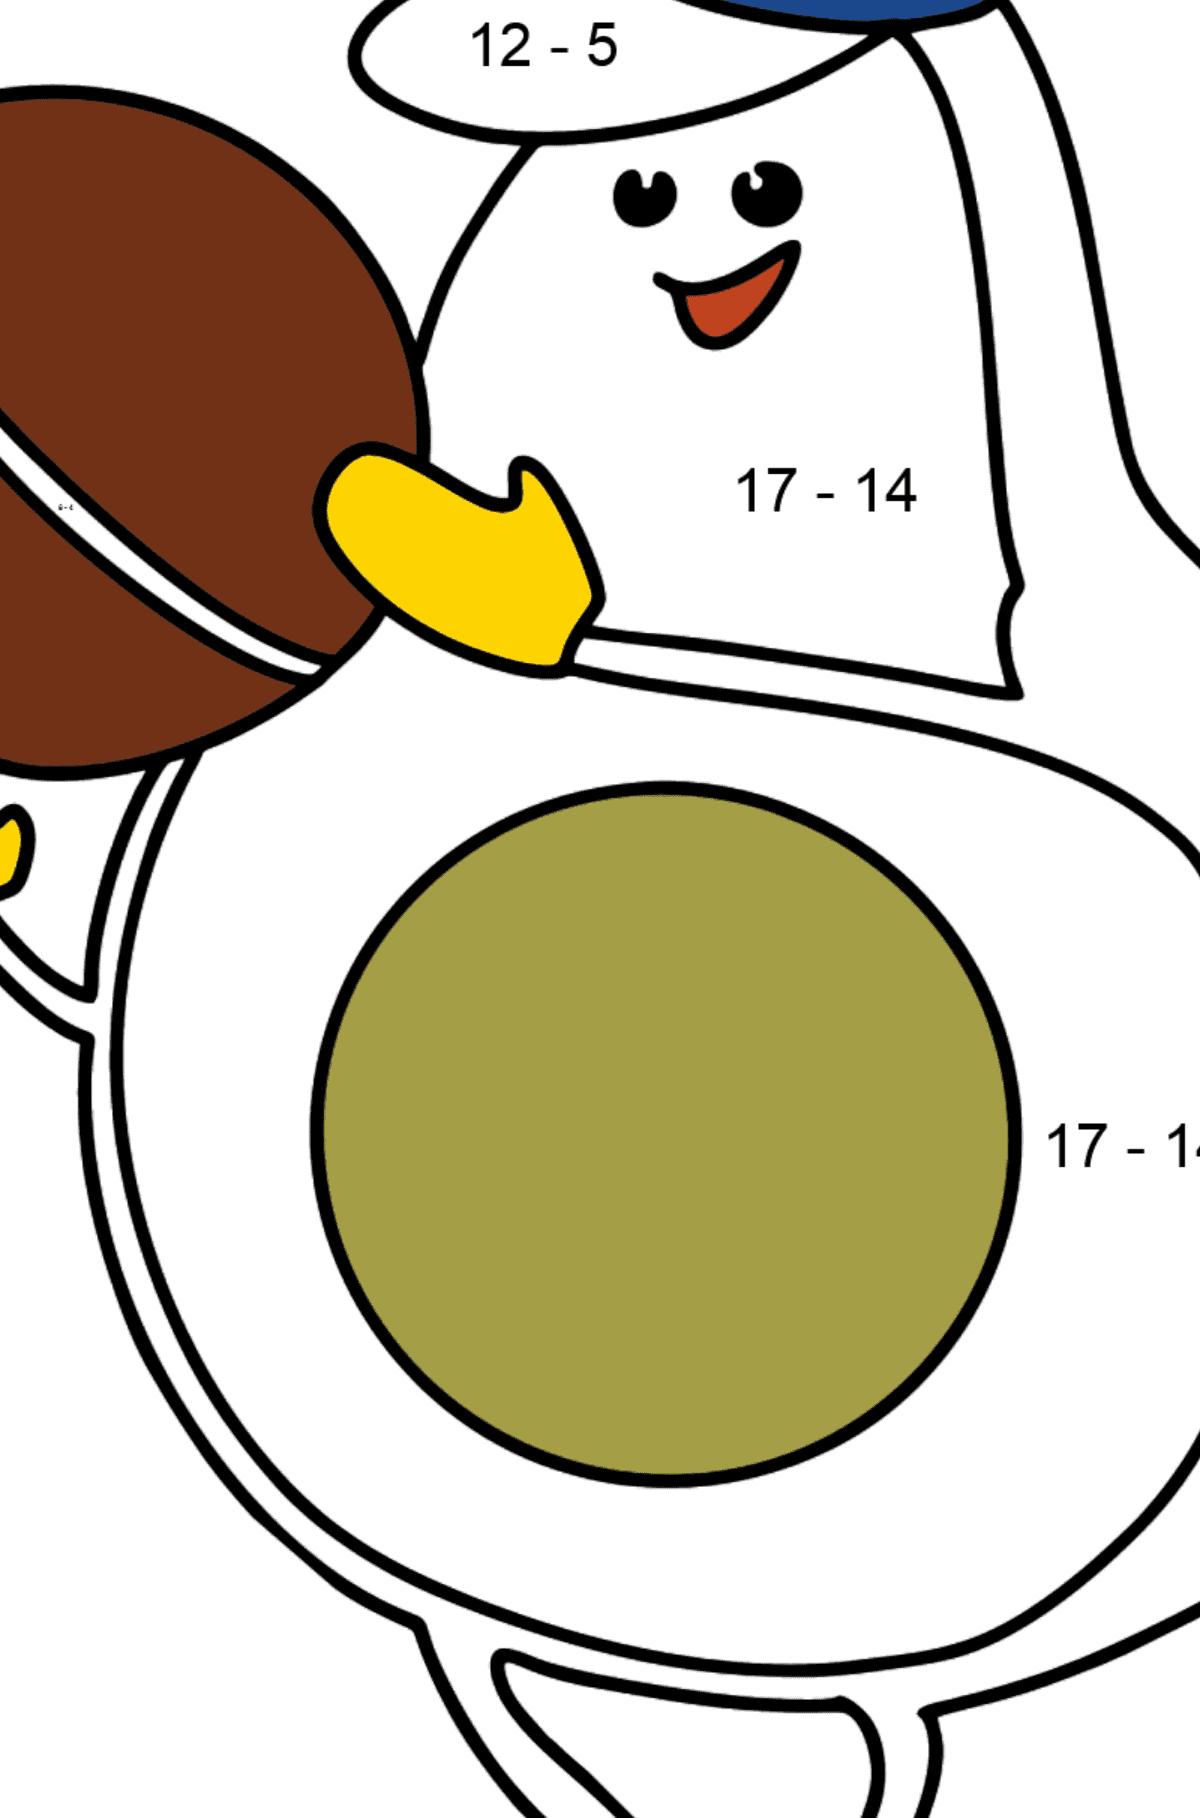 Раскраска Авокадо играет в футбол - Математическая Раскраска - Вычитание для Детей